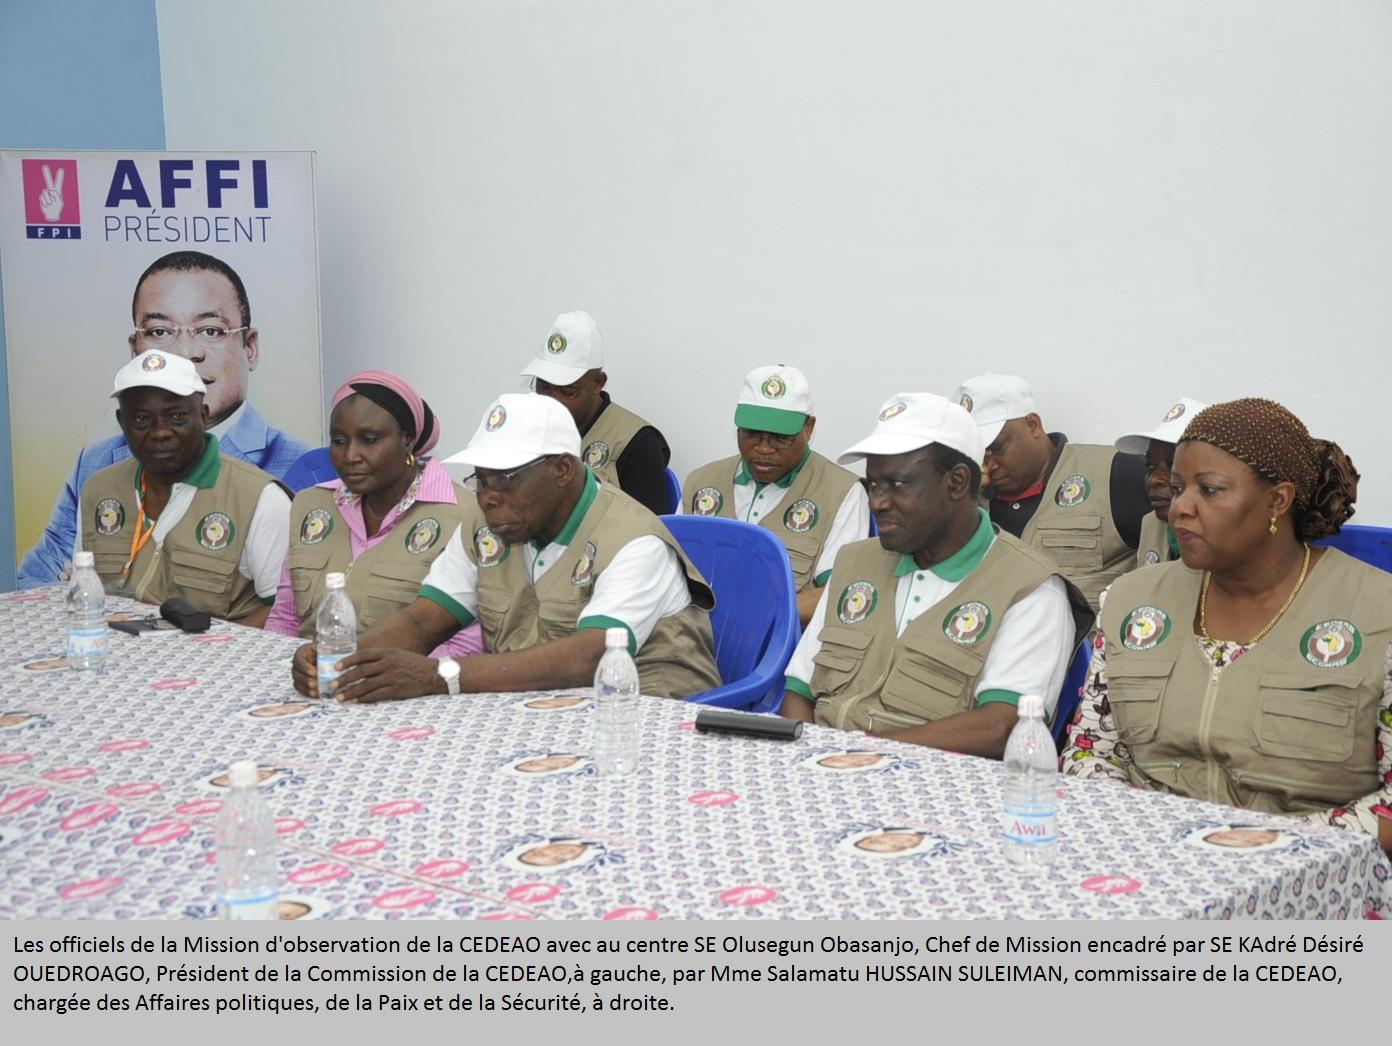 Présidentielle en Côte d'Ivoire : La mission d'observation électorale de la CEDEAO estime que le scrutin est libre et transparent